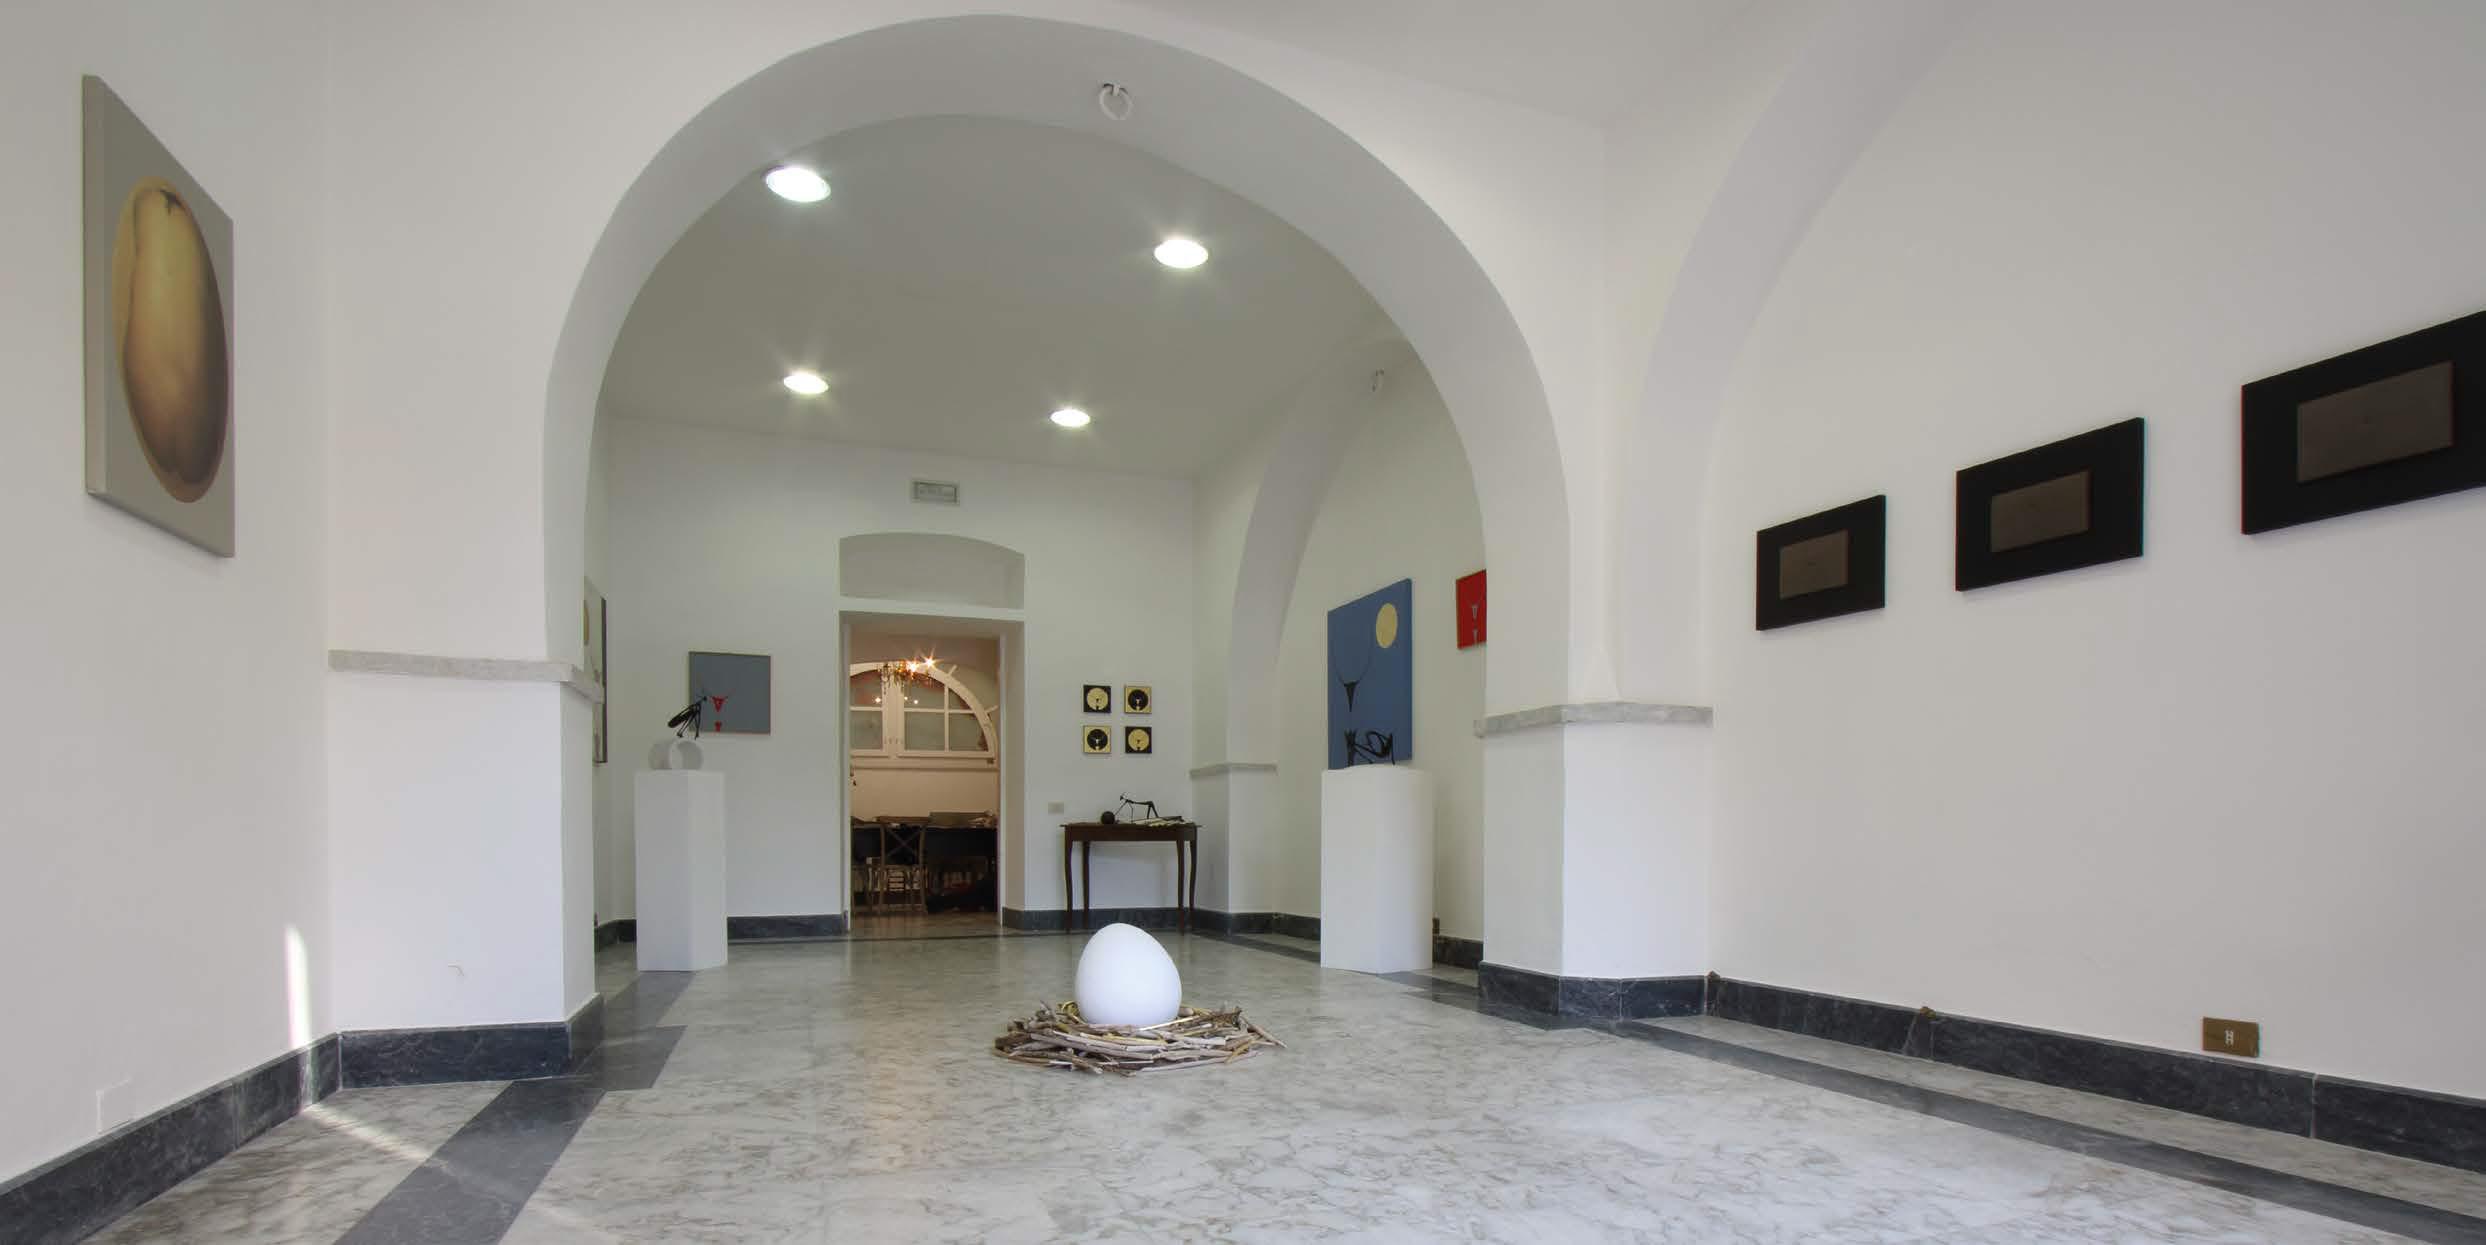 Galleria Valeria Lattanzi - Via Cavour 6